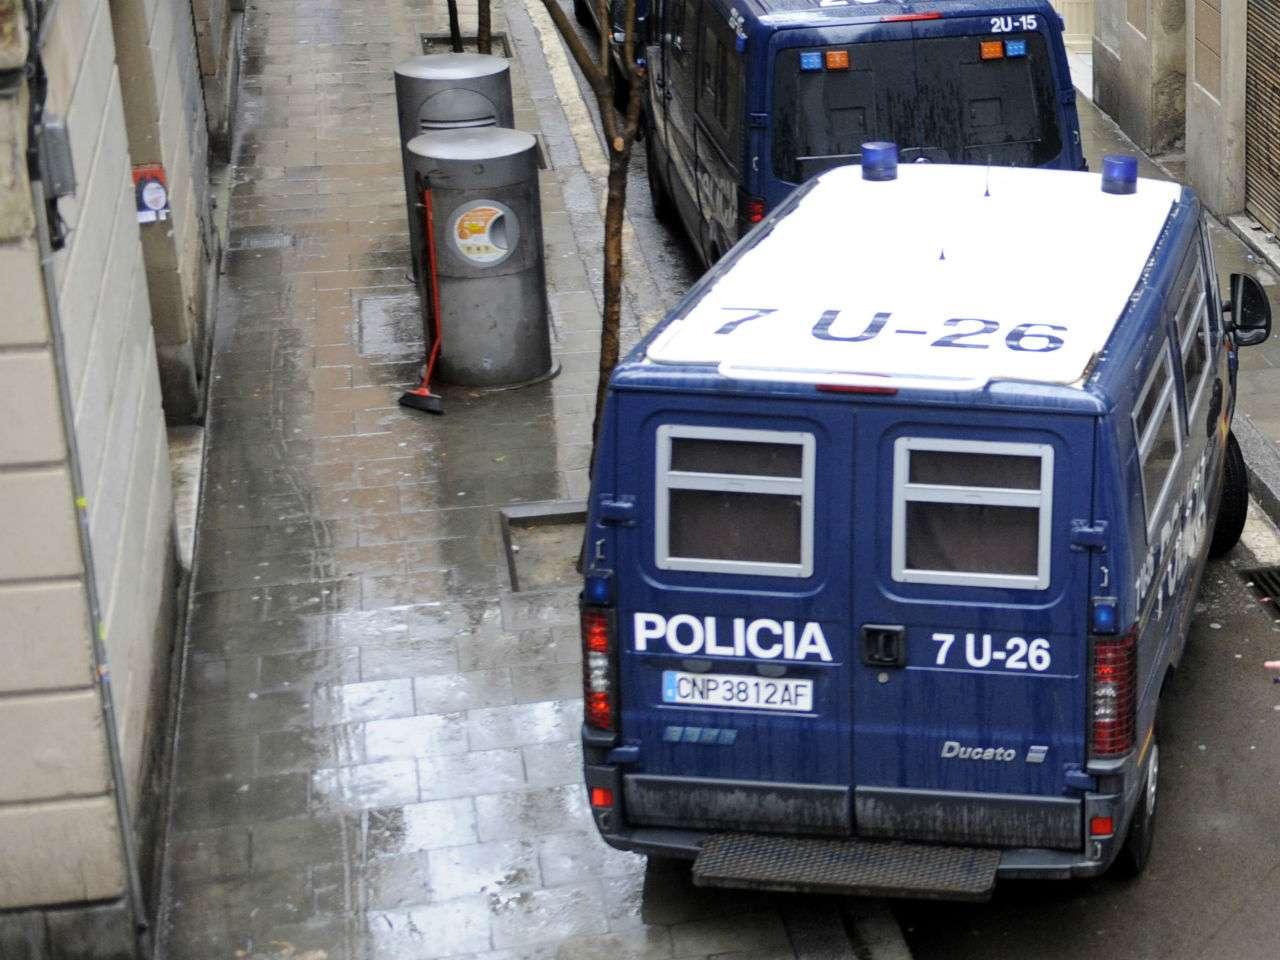 La lideresa de este grupo delincuencial posee diferentes propiedades para traficar la droga en las provincias españolas de Cádiz, Madrid y Valladolid. Foto: Archivo/AP en español